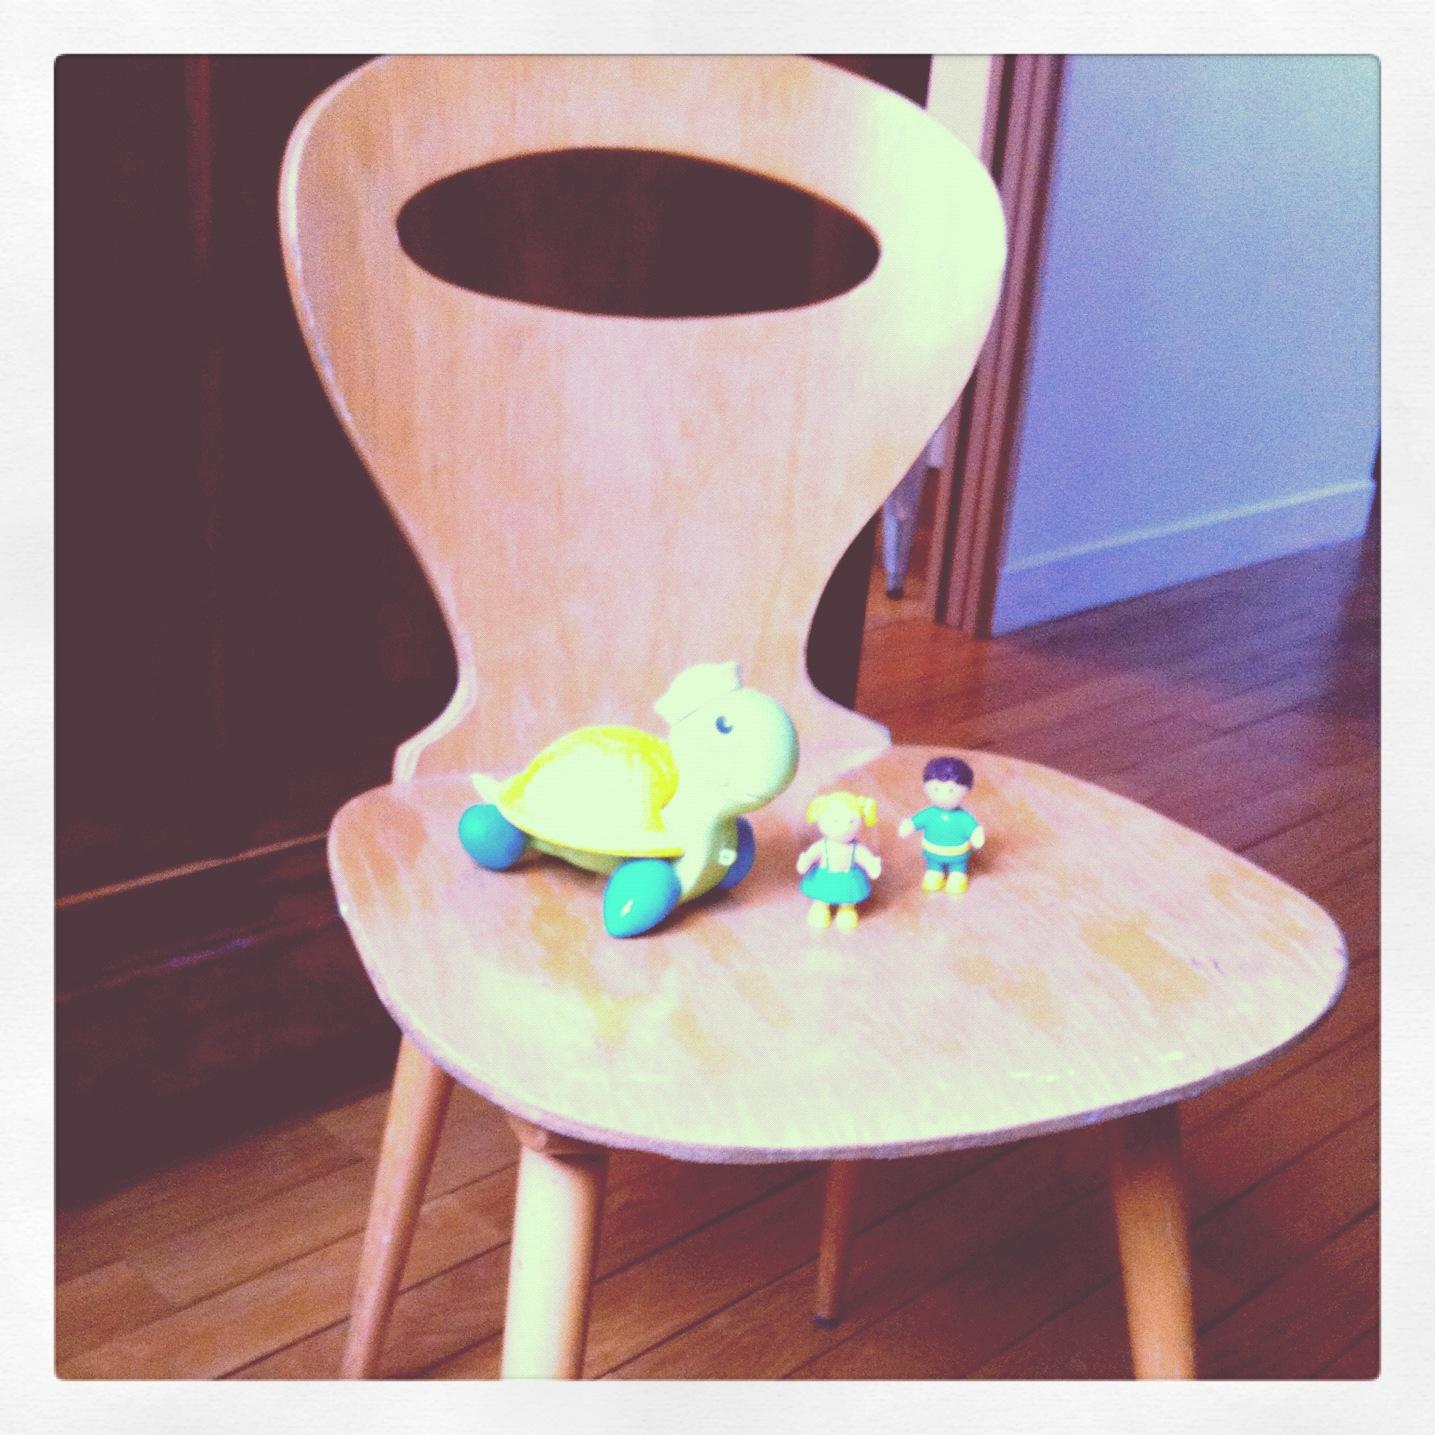 les petites m celle qui se prend de passion pour les chaises. Black Bedroom Furniture Sets. Home Design Ideas